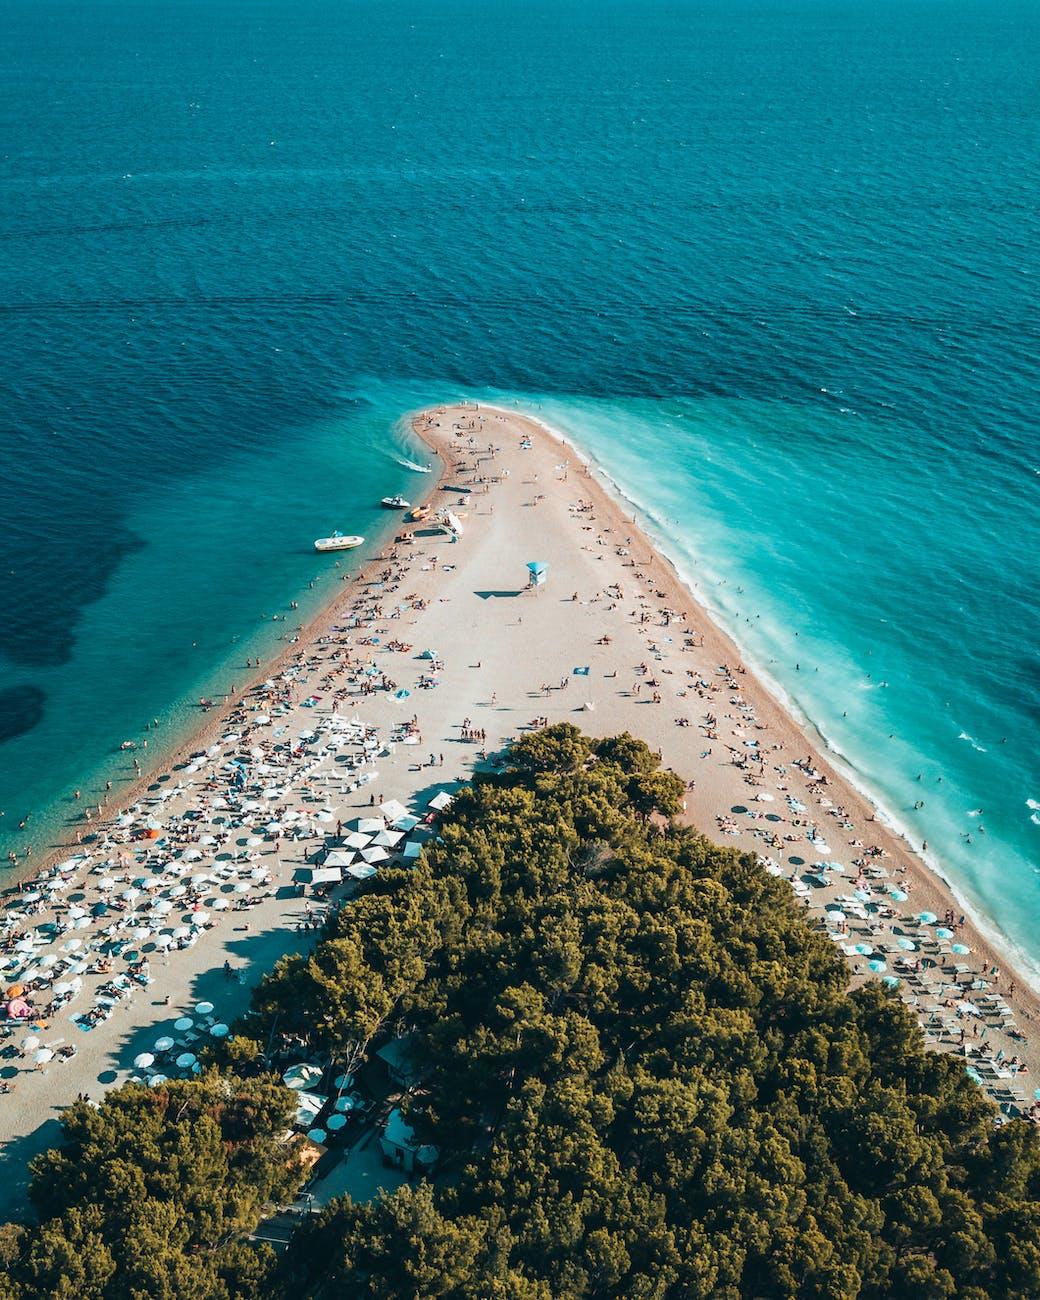 Croatia's beautiful Landscape